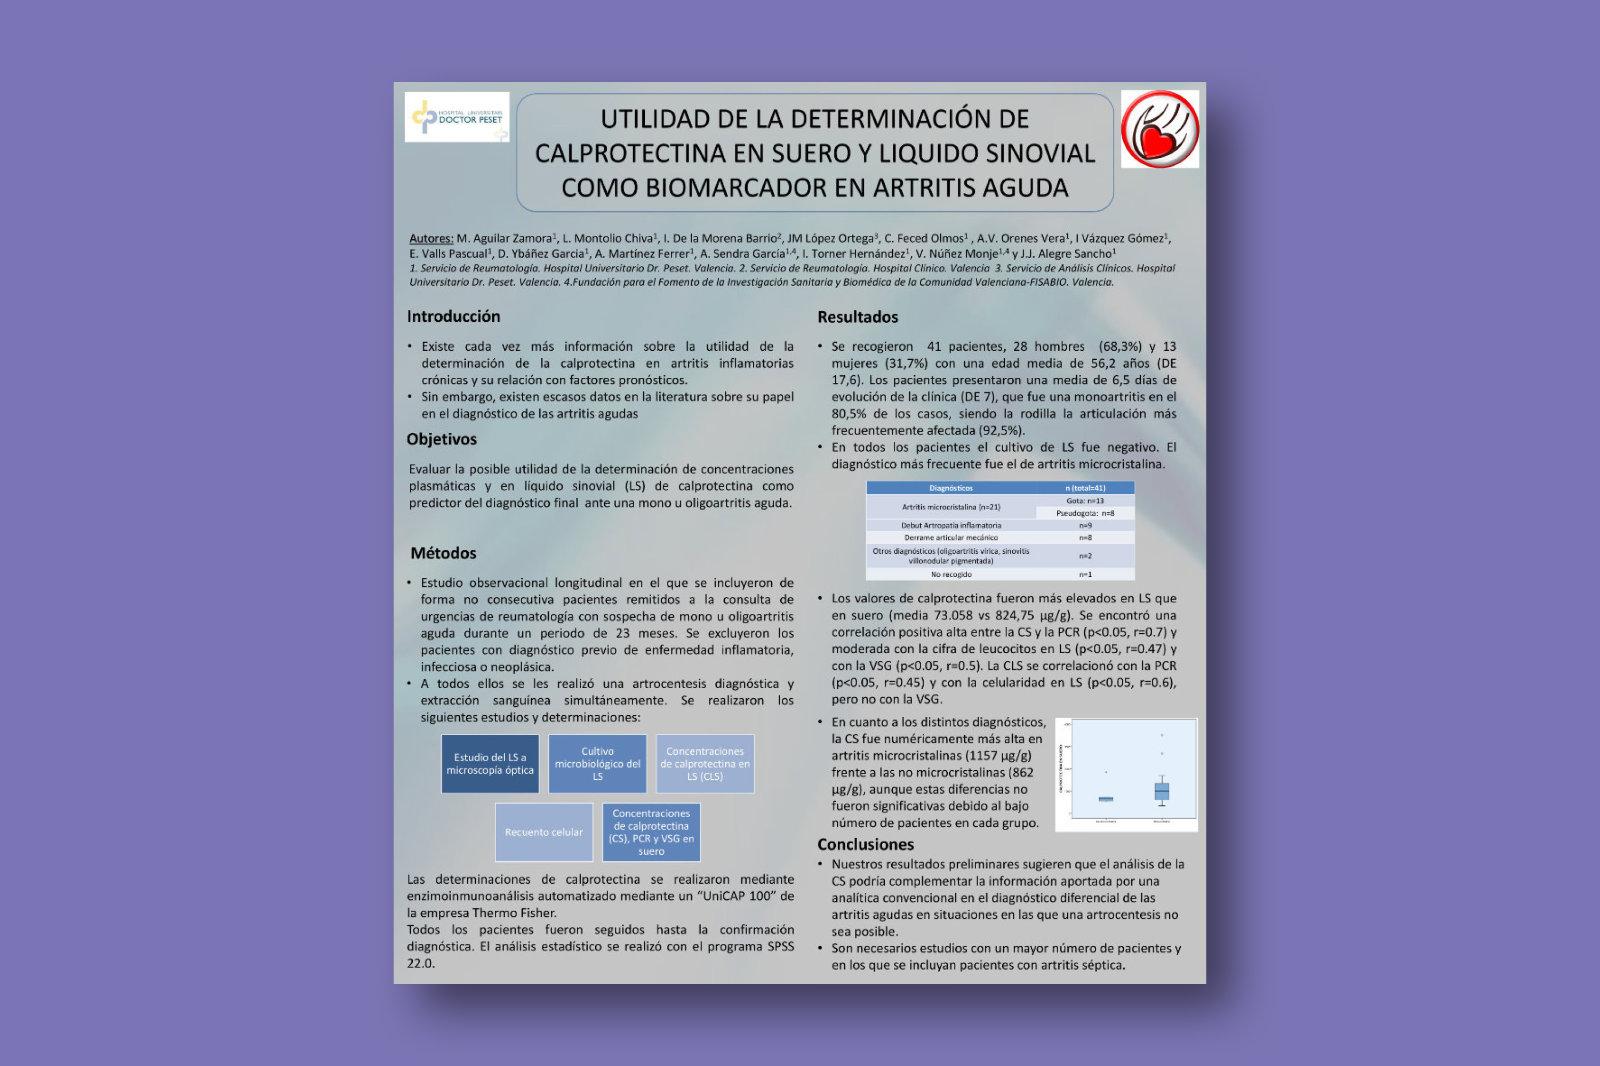 Utilidad de la determinación de calprotectina en suero y líquido sinovial como biomarcador en artritis aguda